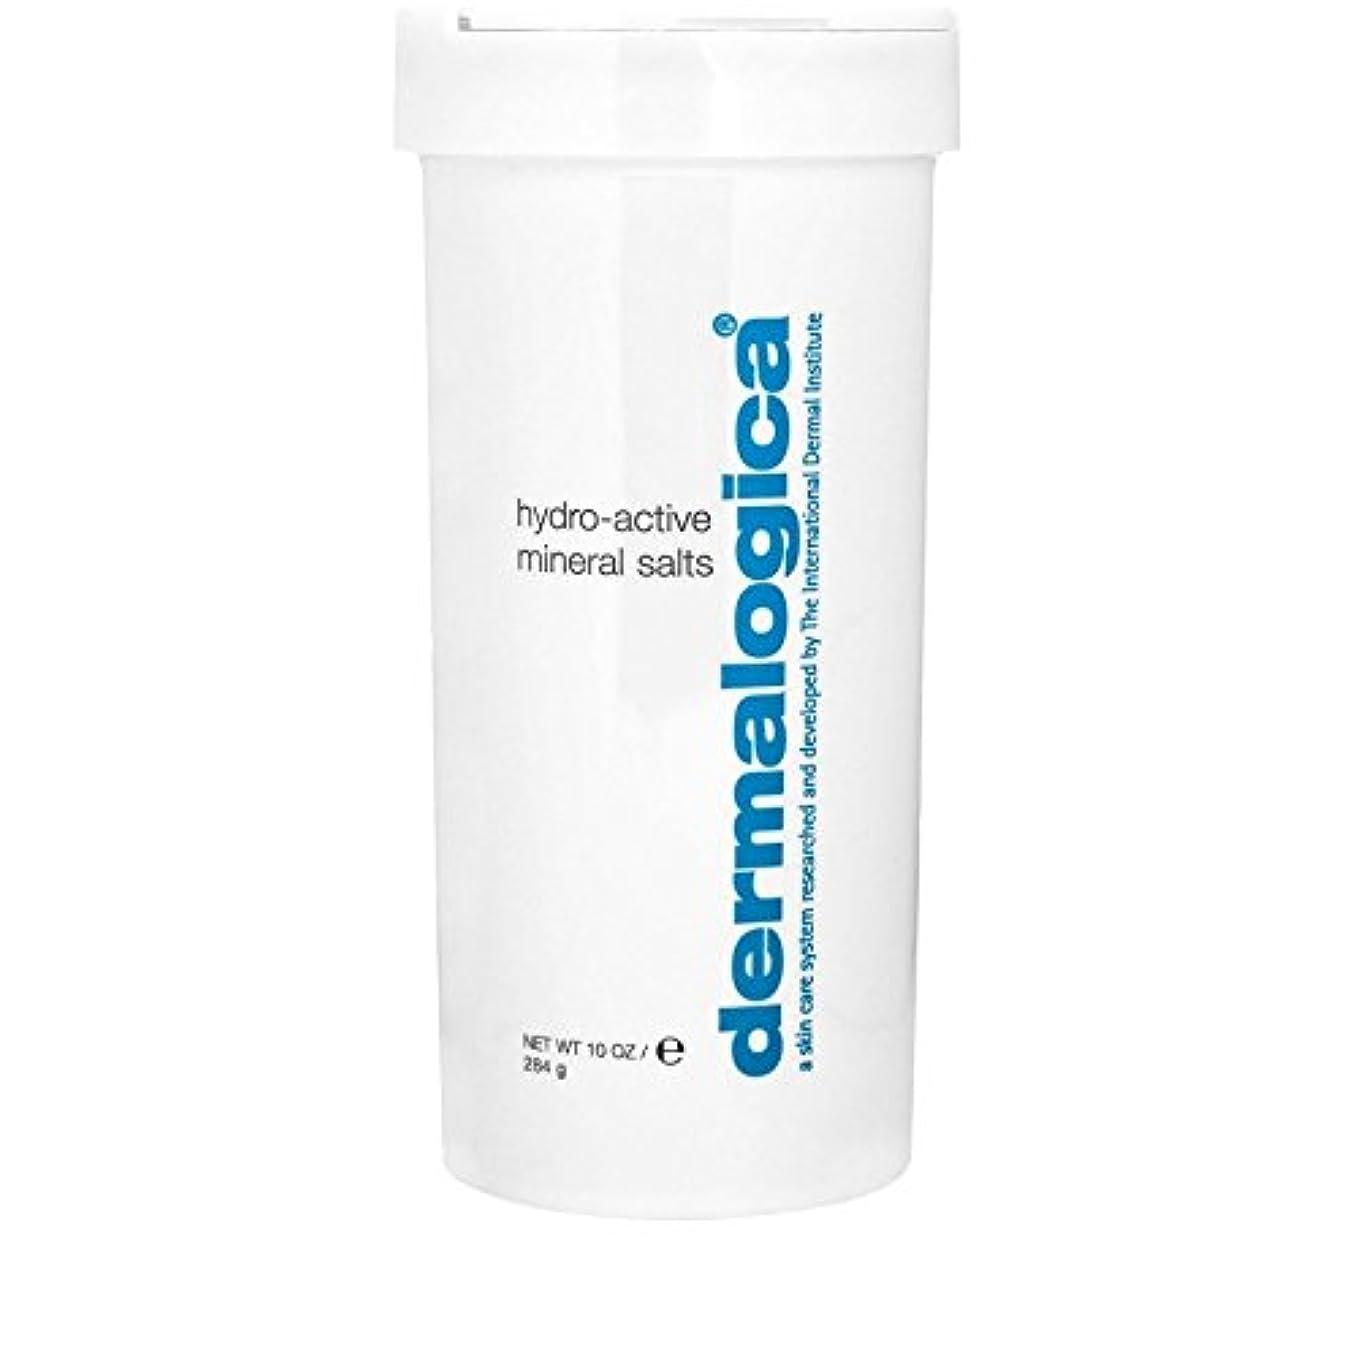 フルーティー発症鍔Dermalogica Hydro Active Mineral Salt 284g (Pack of 6) - ダーマロジカ水力アクティブミネラル塩284グラム x6 [並行輸入品]